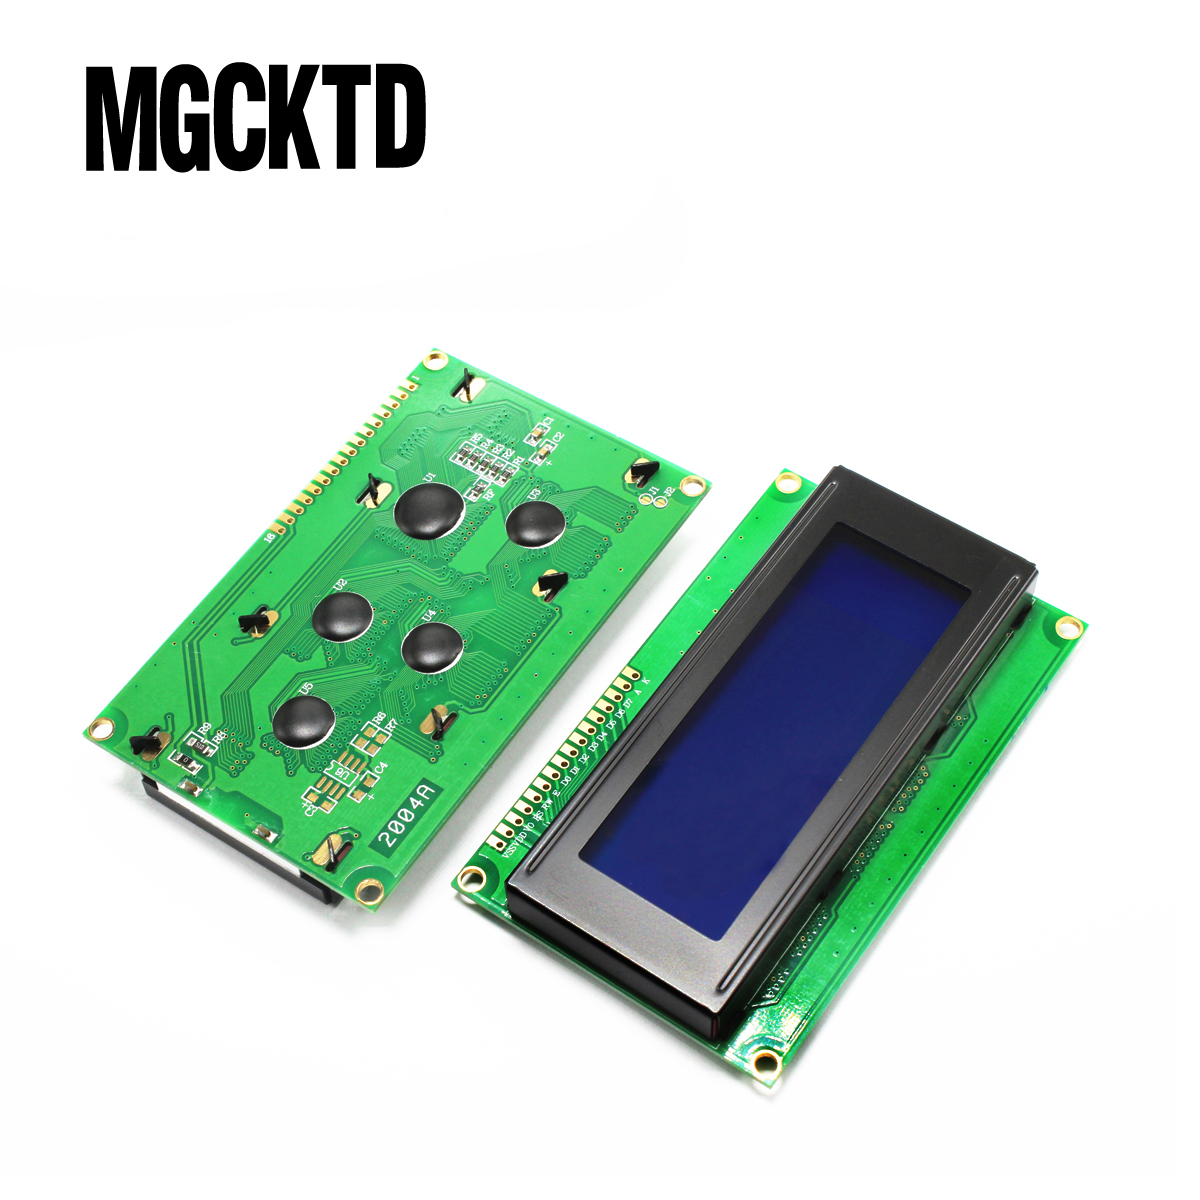 5pcs/lot LCD2004 LCD Board KS0066 HD44780 Blue Screen LCD Display 5V LCD Module 20*4 LCD 2004 High Quality